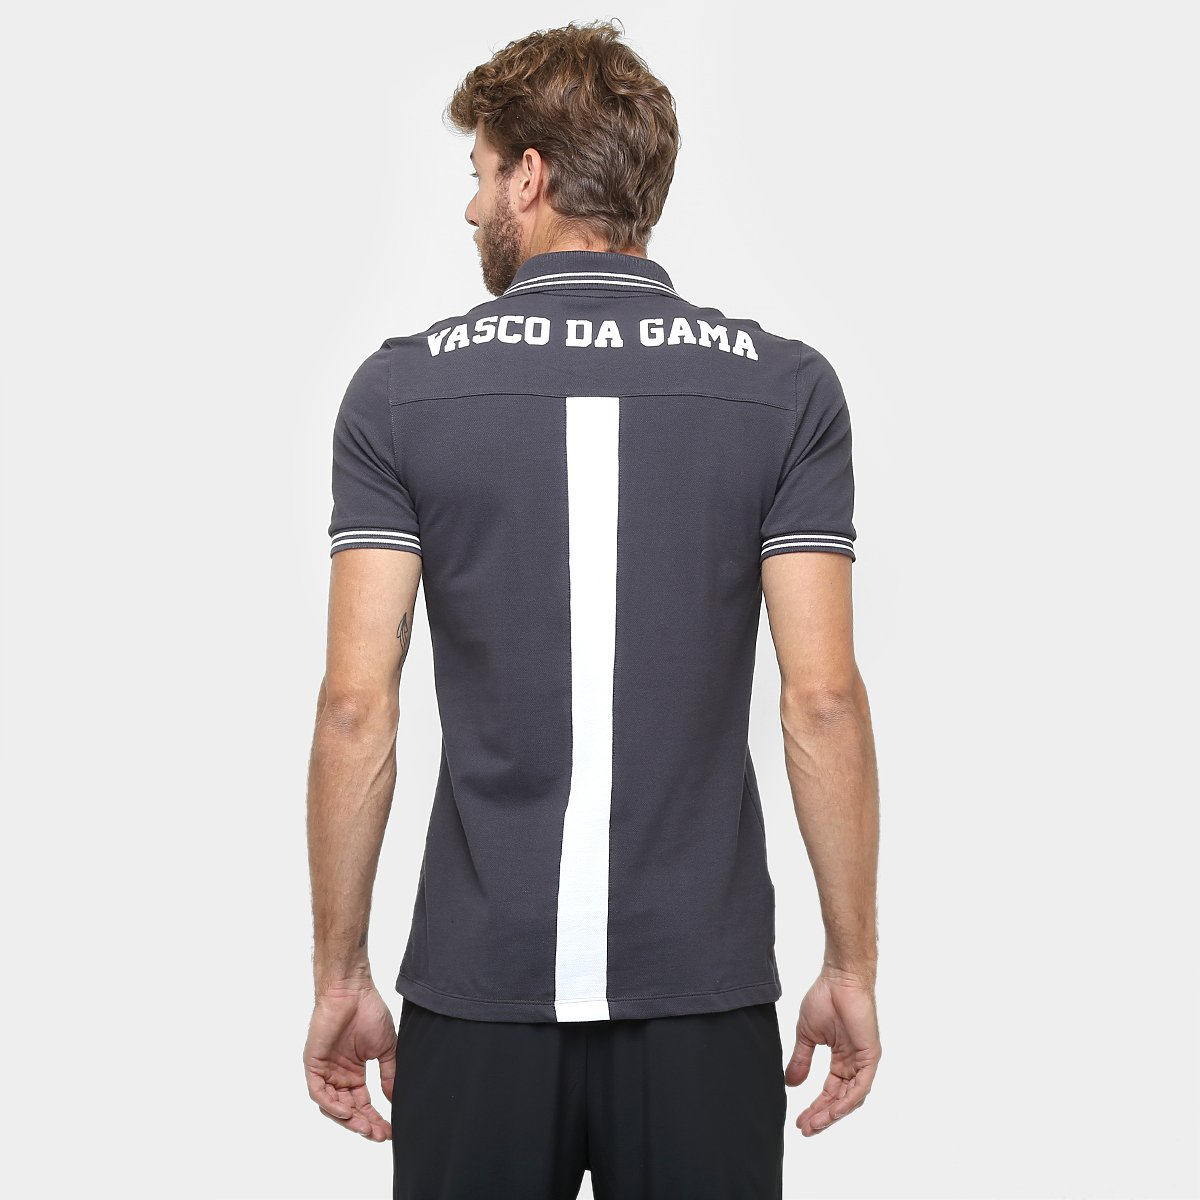 5e7a377ea4 Camisa Polo Vasco Umbro Viagem 2016 Masculina - Compre Agora